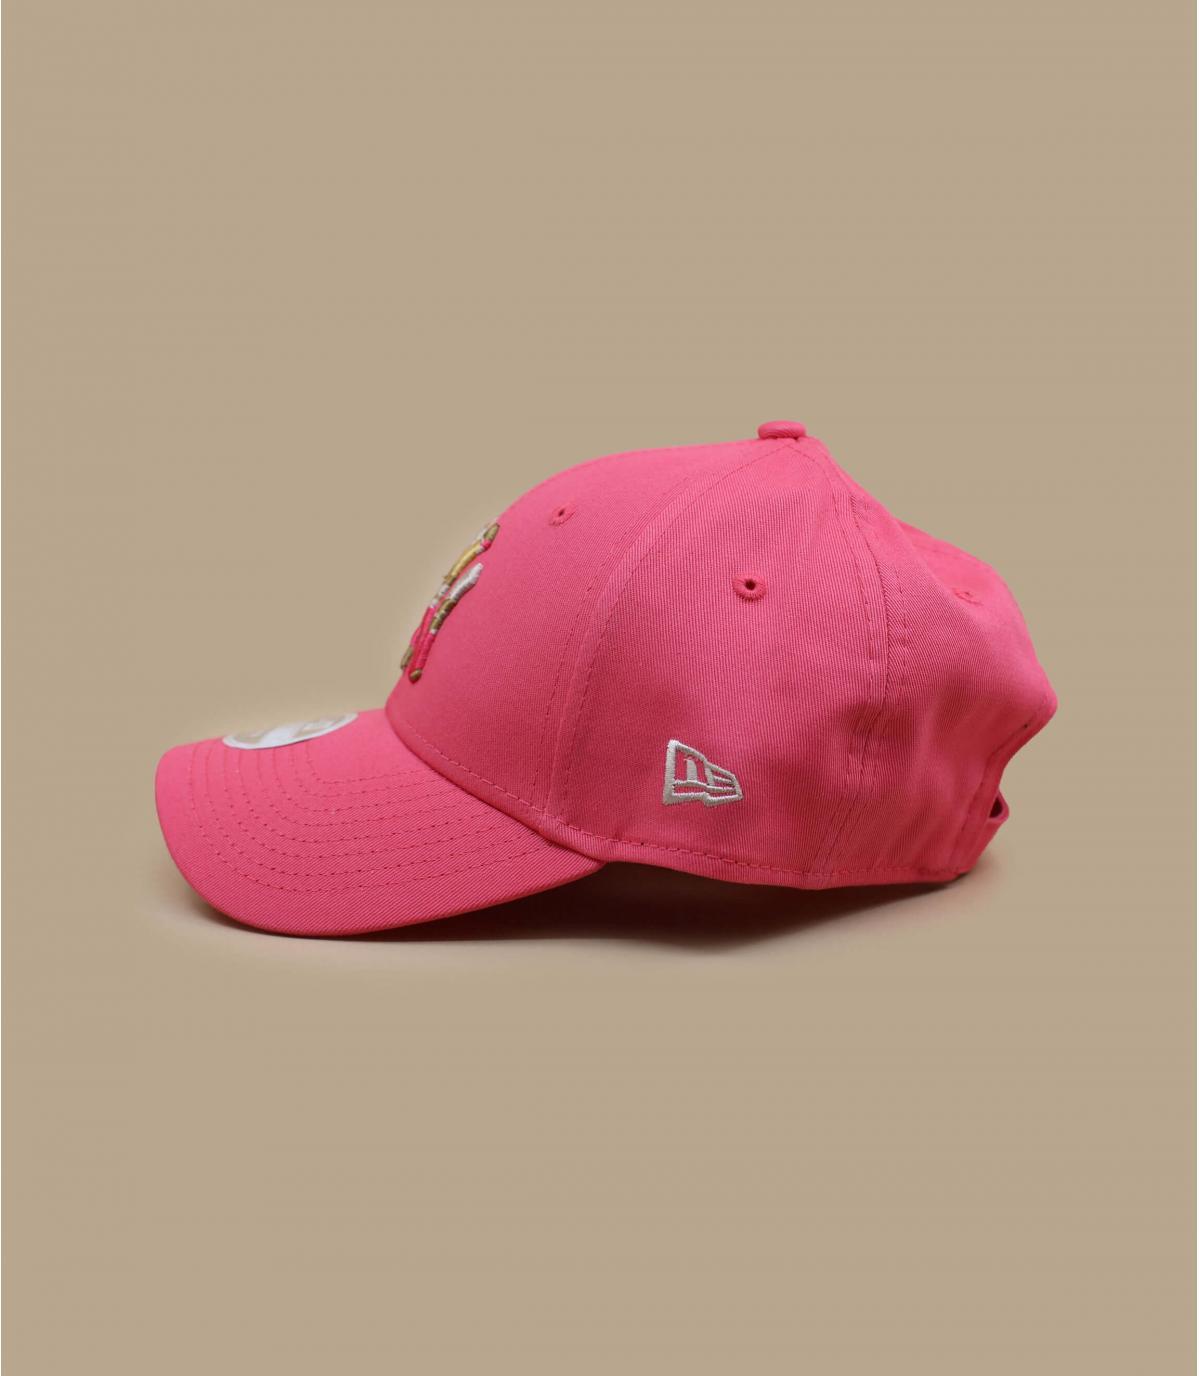 Detalles Wmn Camo Infill NY 940 pink imagen 3